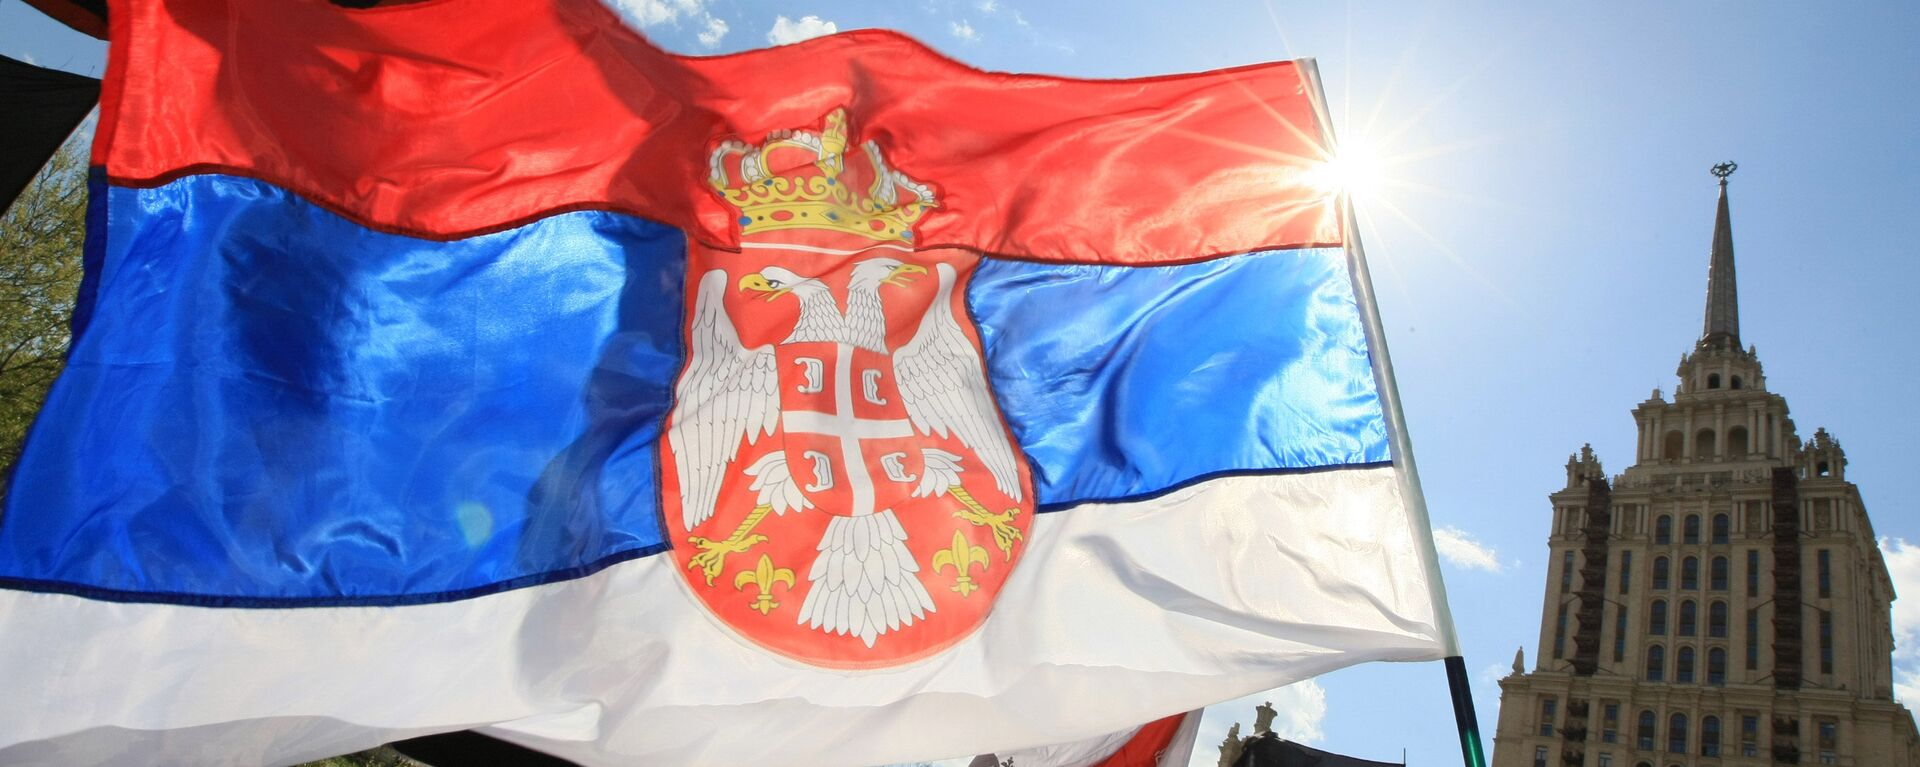 La bandera de Serbia - Sputnik Mundo, 1920, 16.04.2021